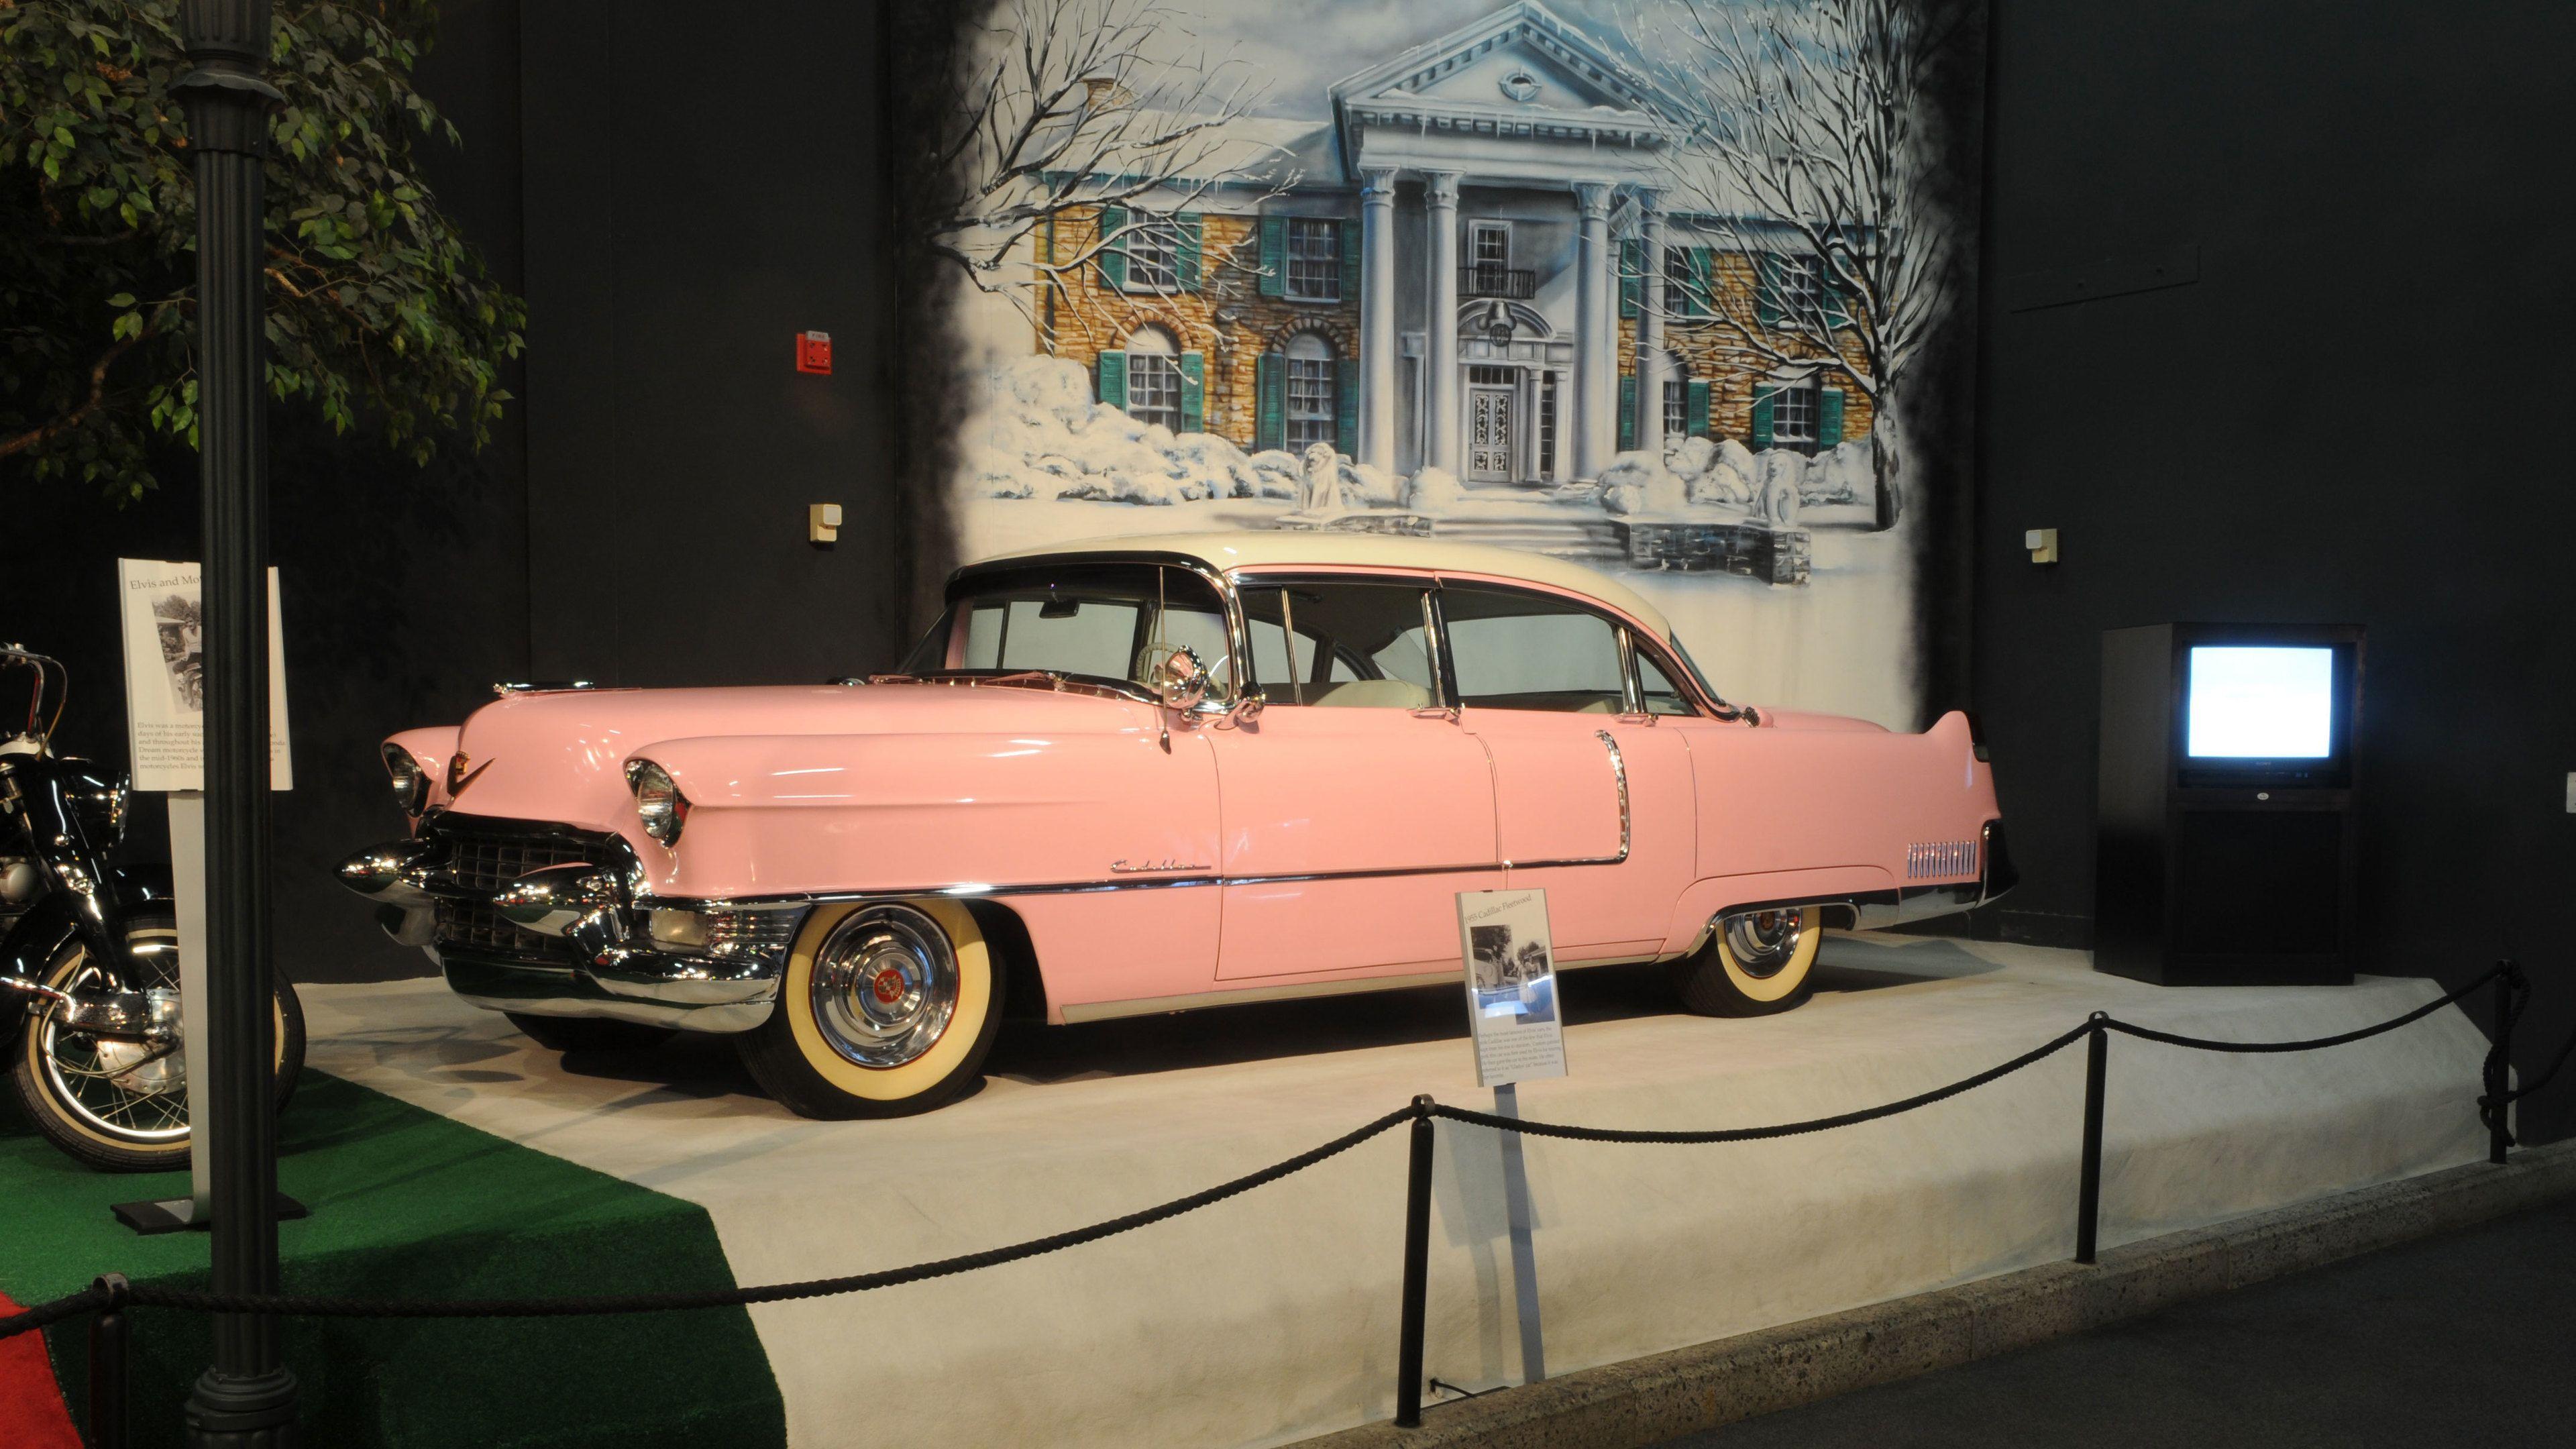 pink car at graceland in memphis